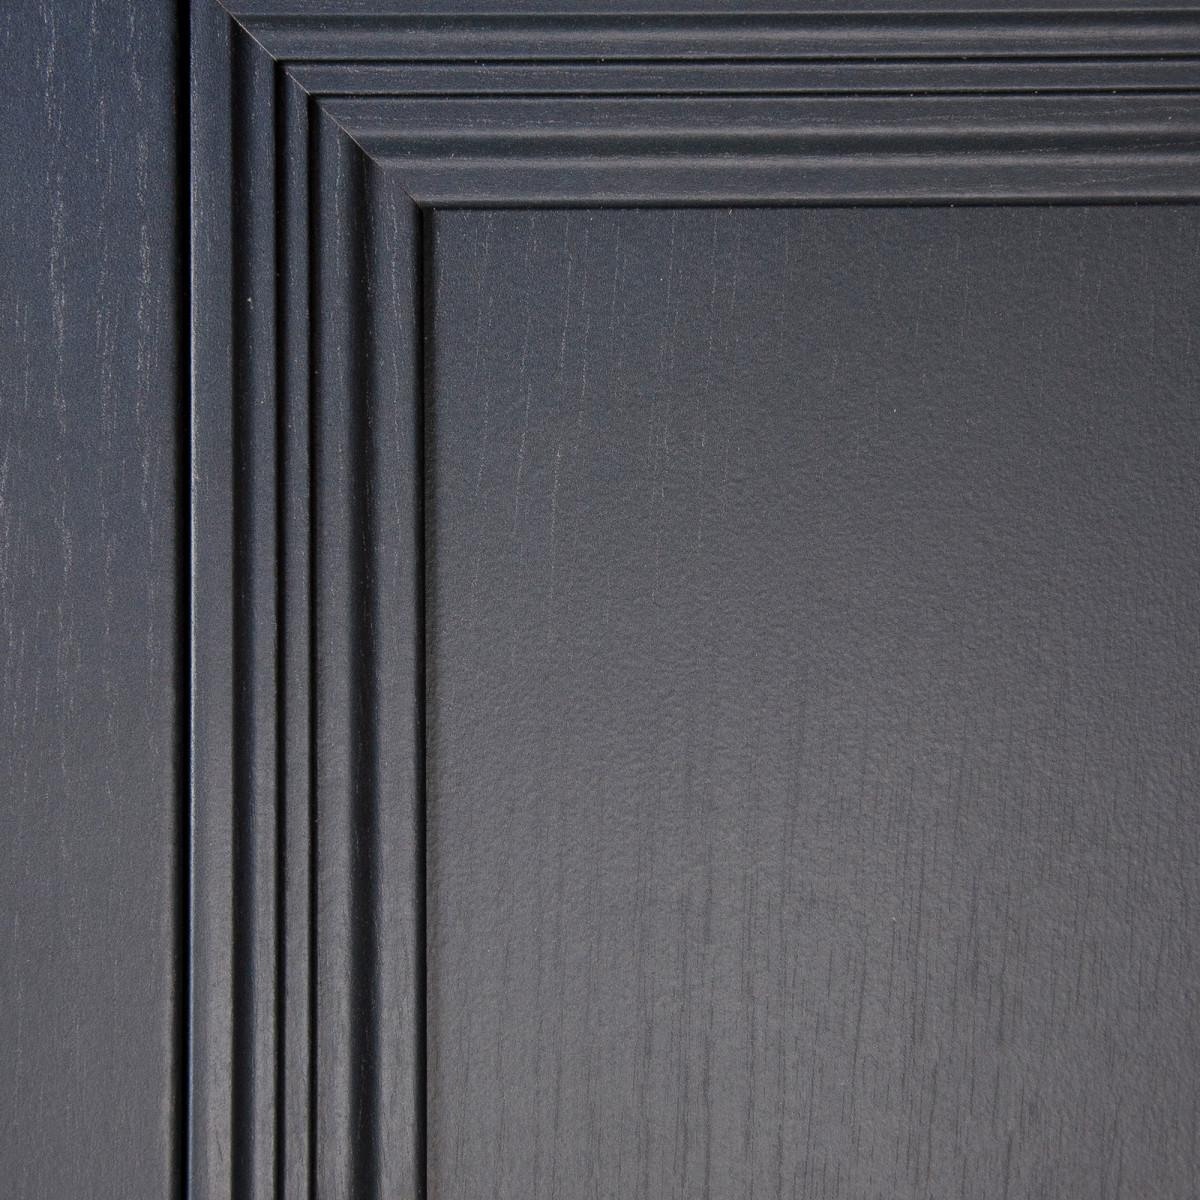 Дверь Межкомнатная Глухая С Замком И Петлями В Комплекте Трилло 60x200  Hardflex Цвет Грей